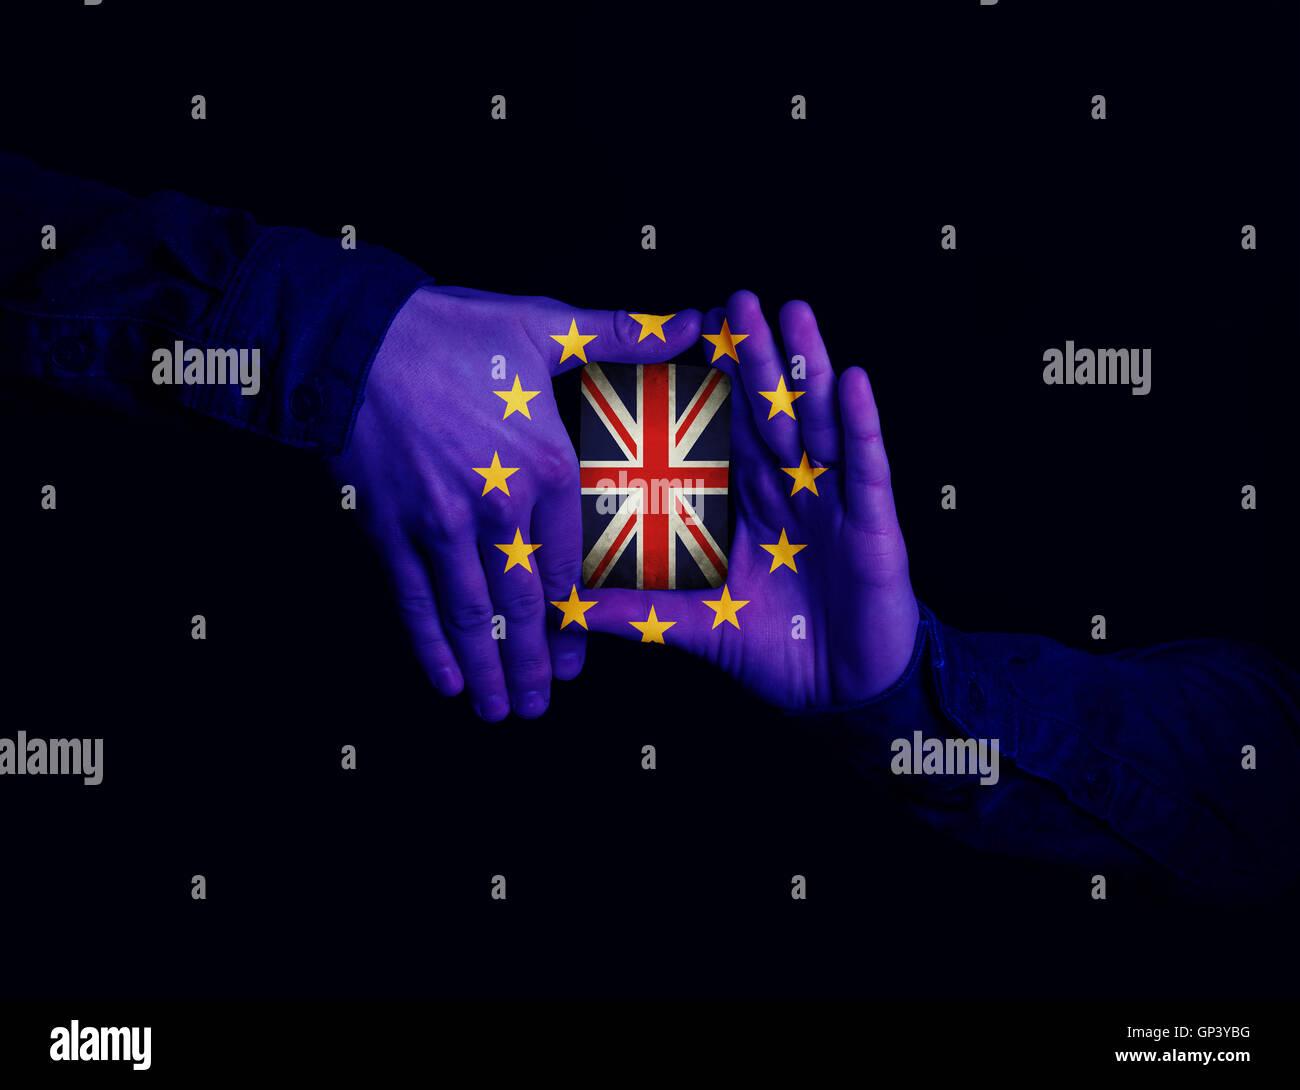 Nahaufnahme von Händen gemustert mit der Flagge der Europäischen Gemeinschaft hielt eine Karte mit der Stockbild